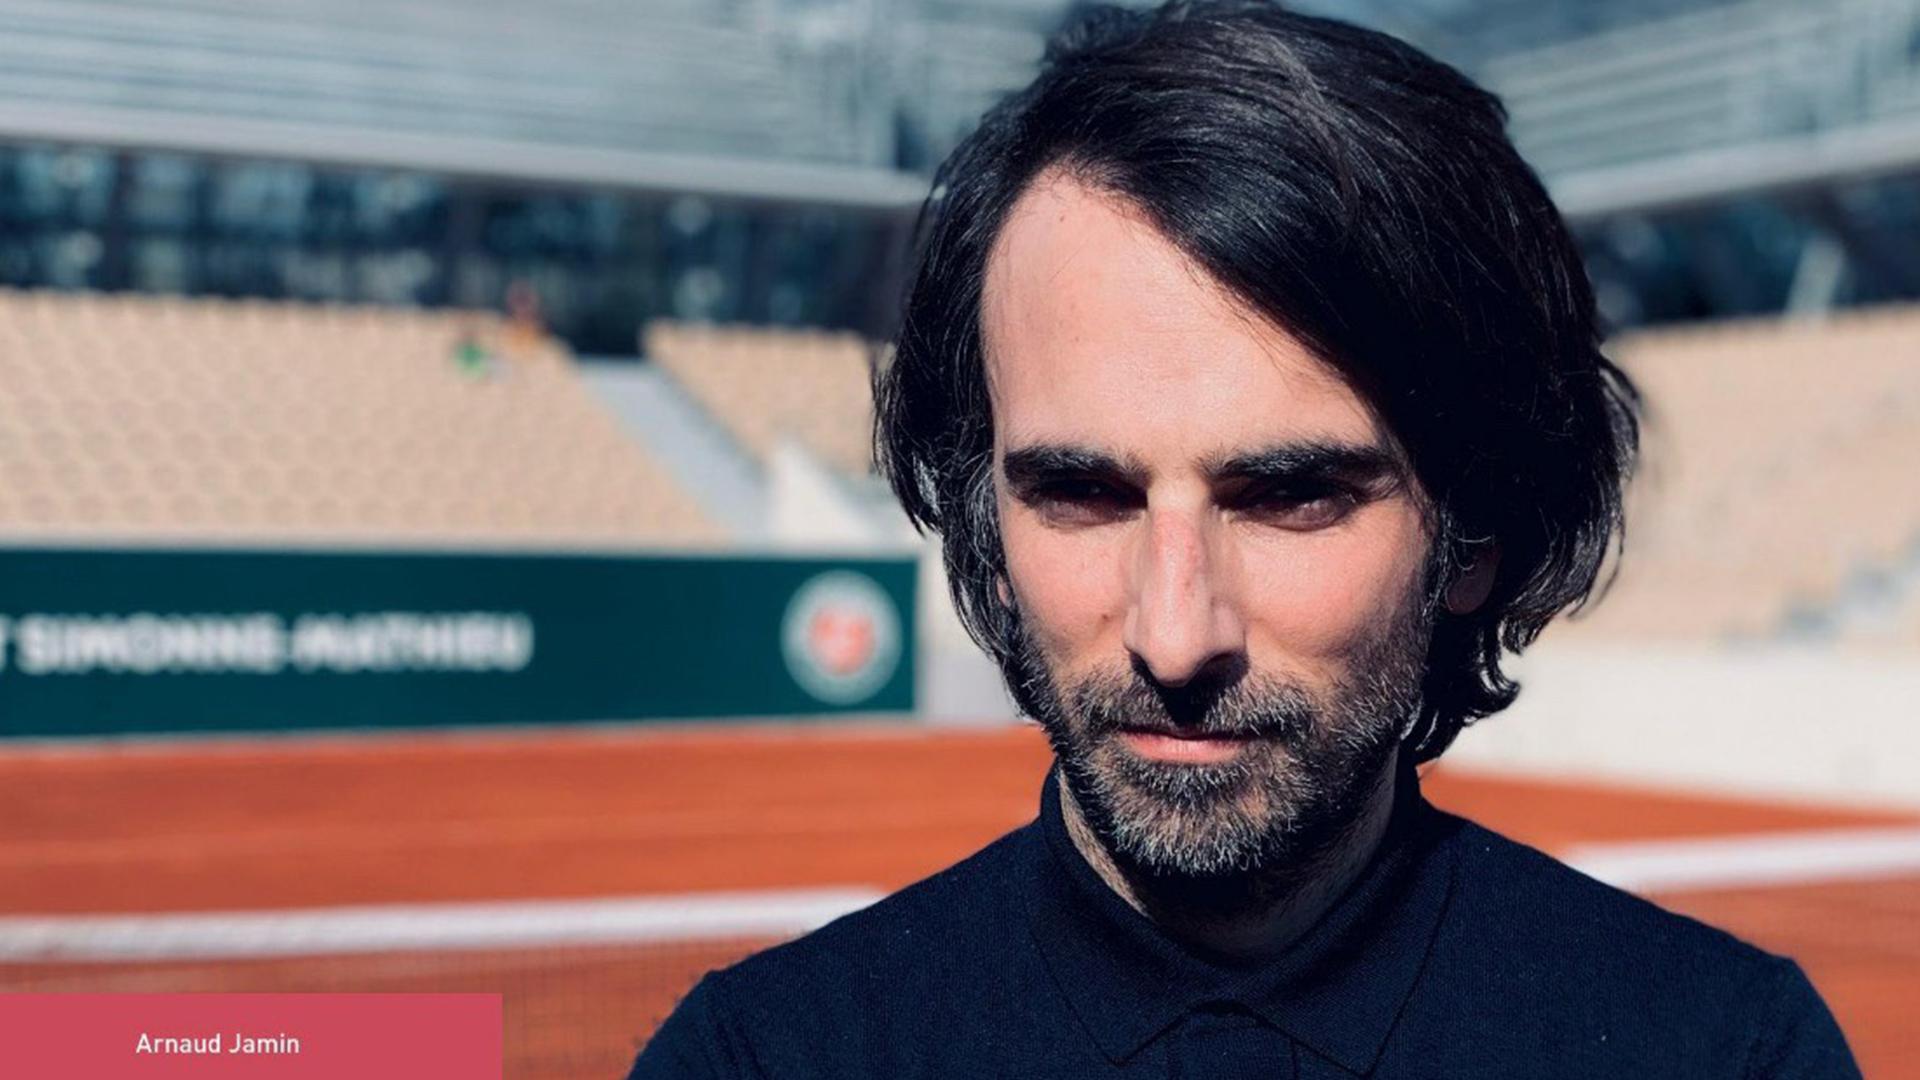 Arnaud Jamin portrait auteur de«Le caprice Hingis» aux éditions Salto